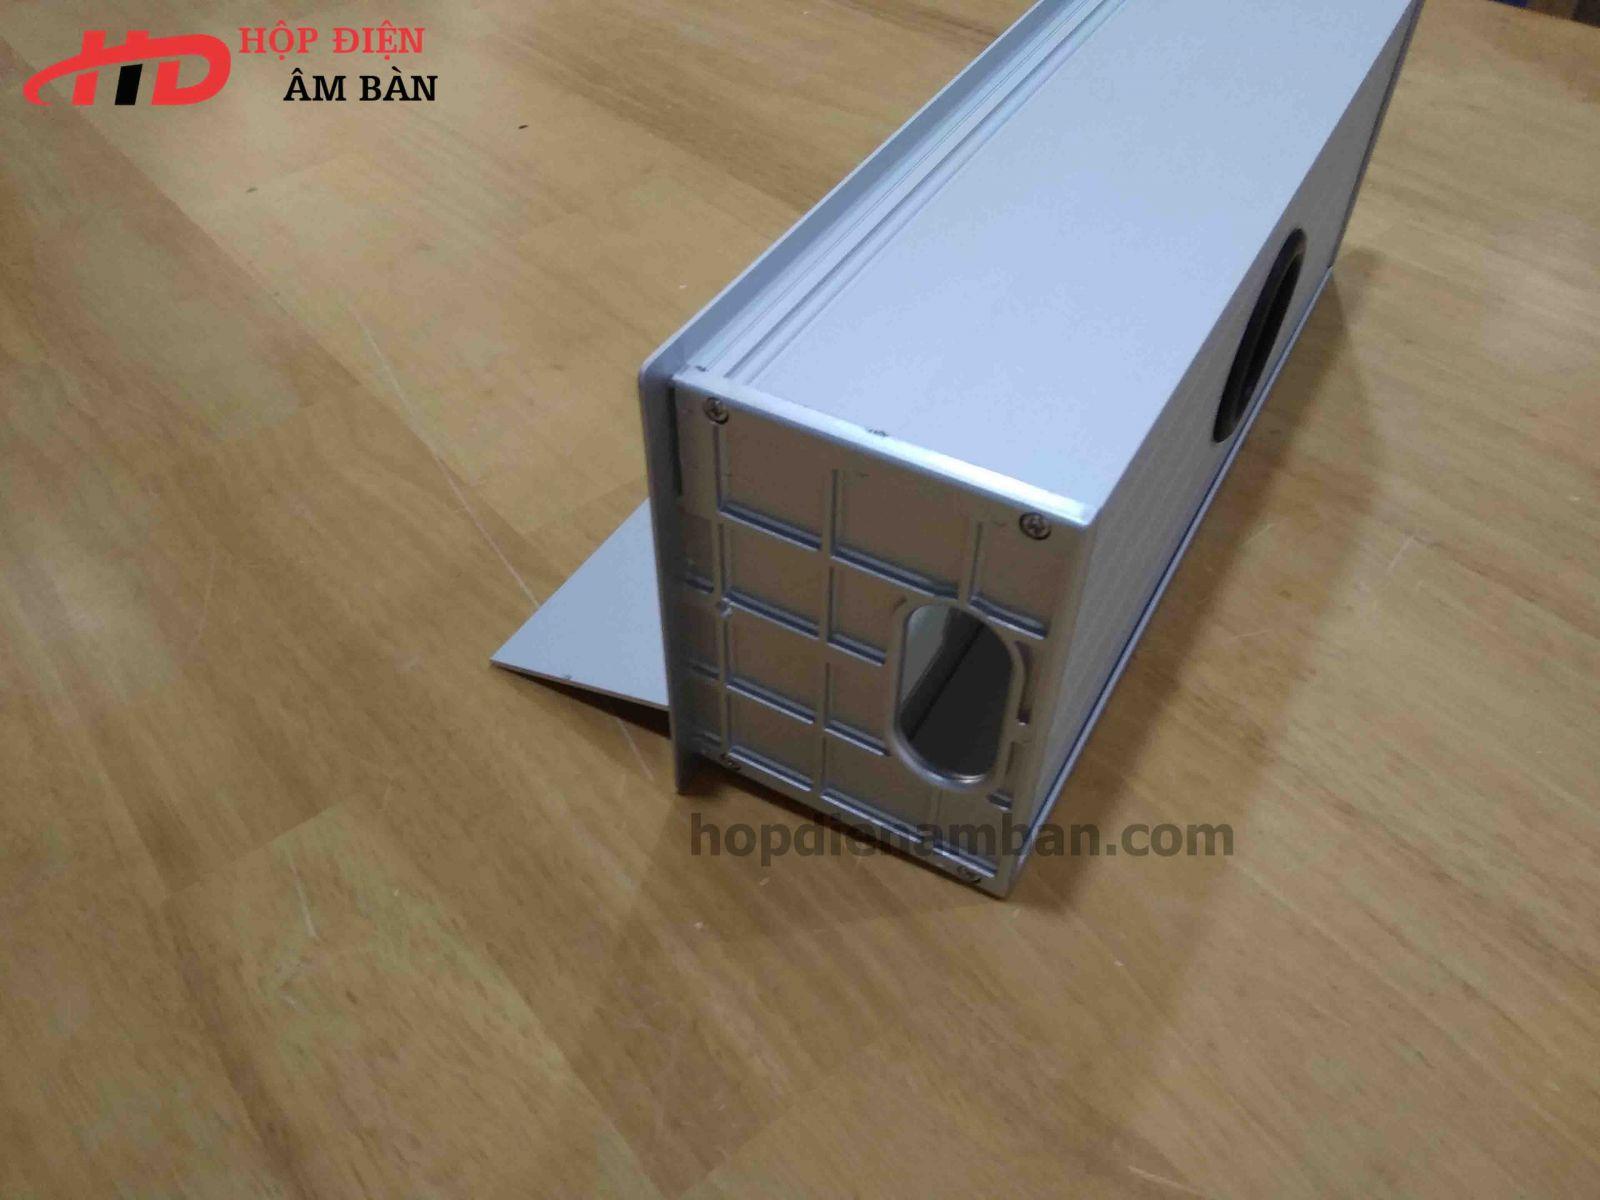 Hộp điện âm bàn có đế COB10v2-6